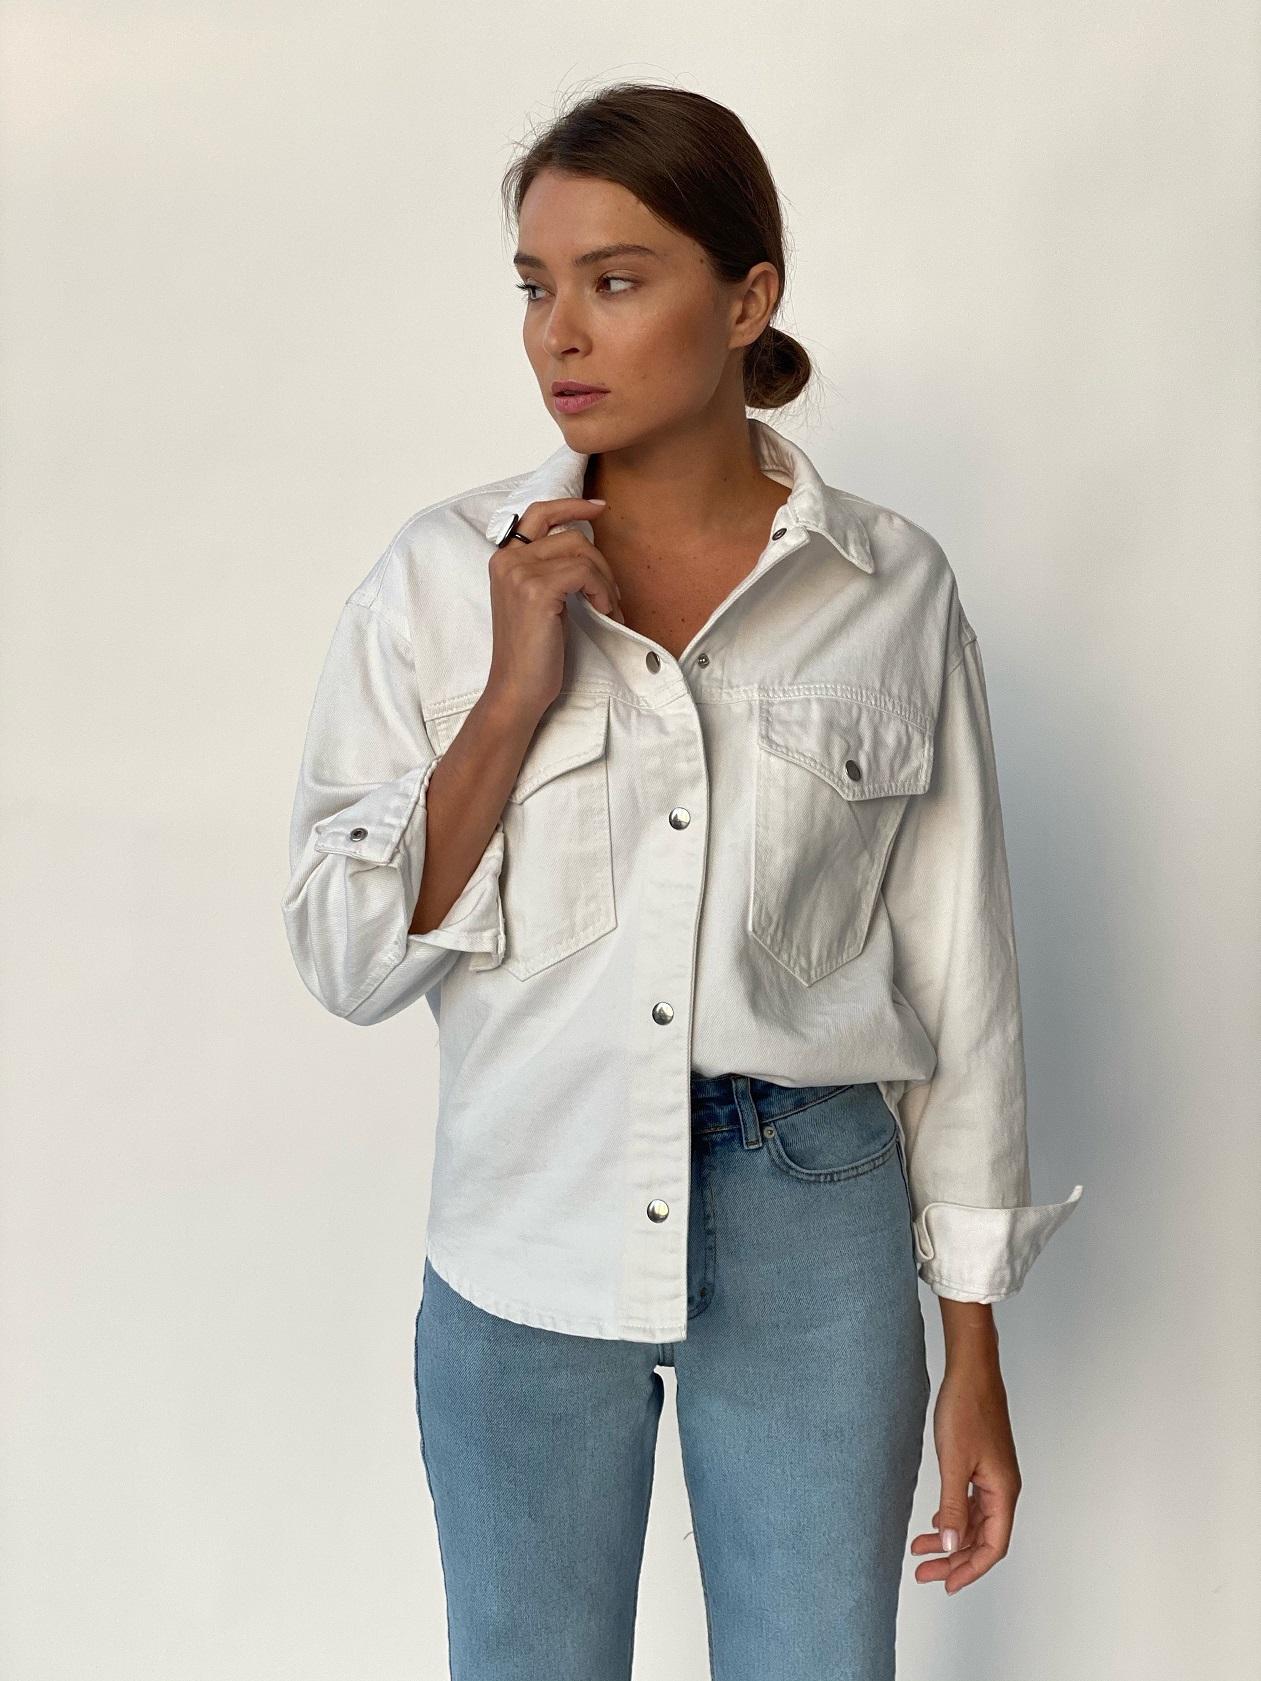 Рубашка, UNO, 5273 (белый)